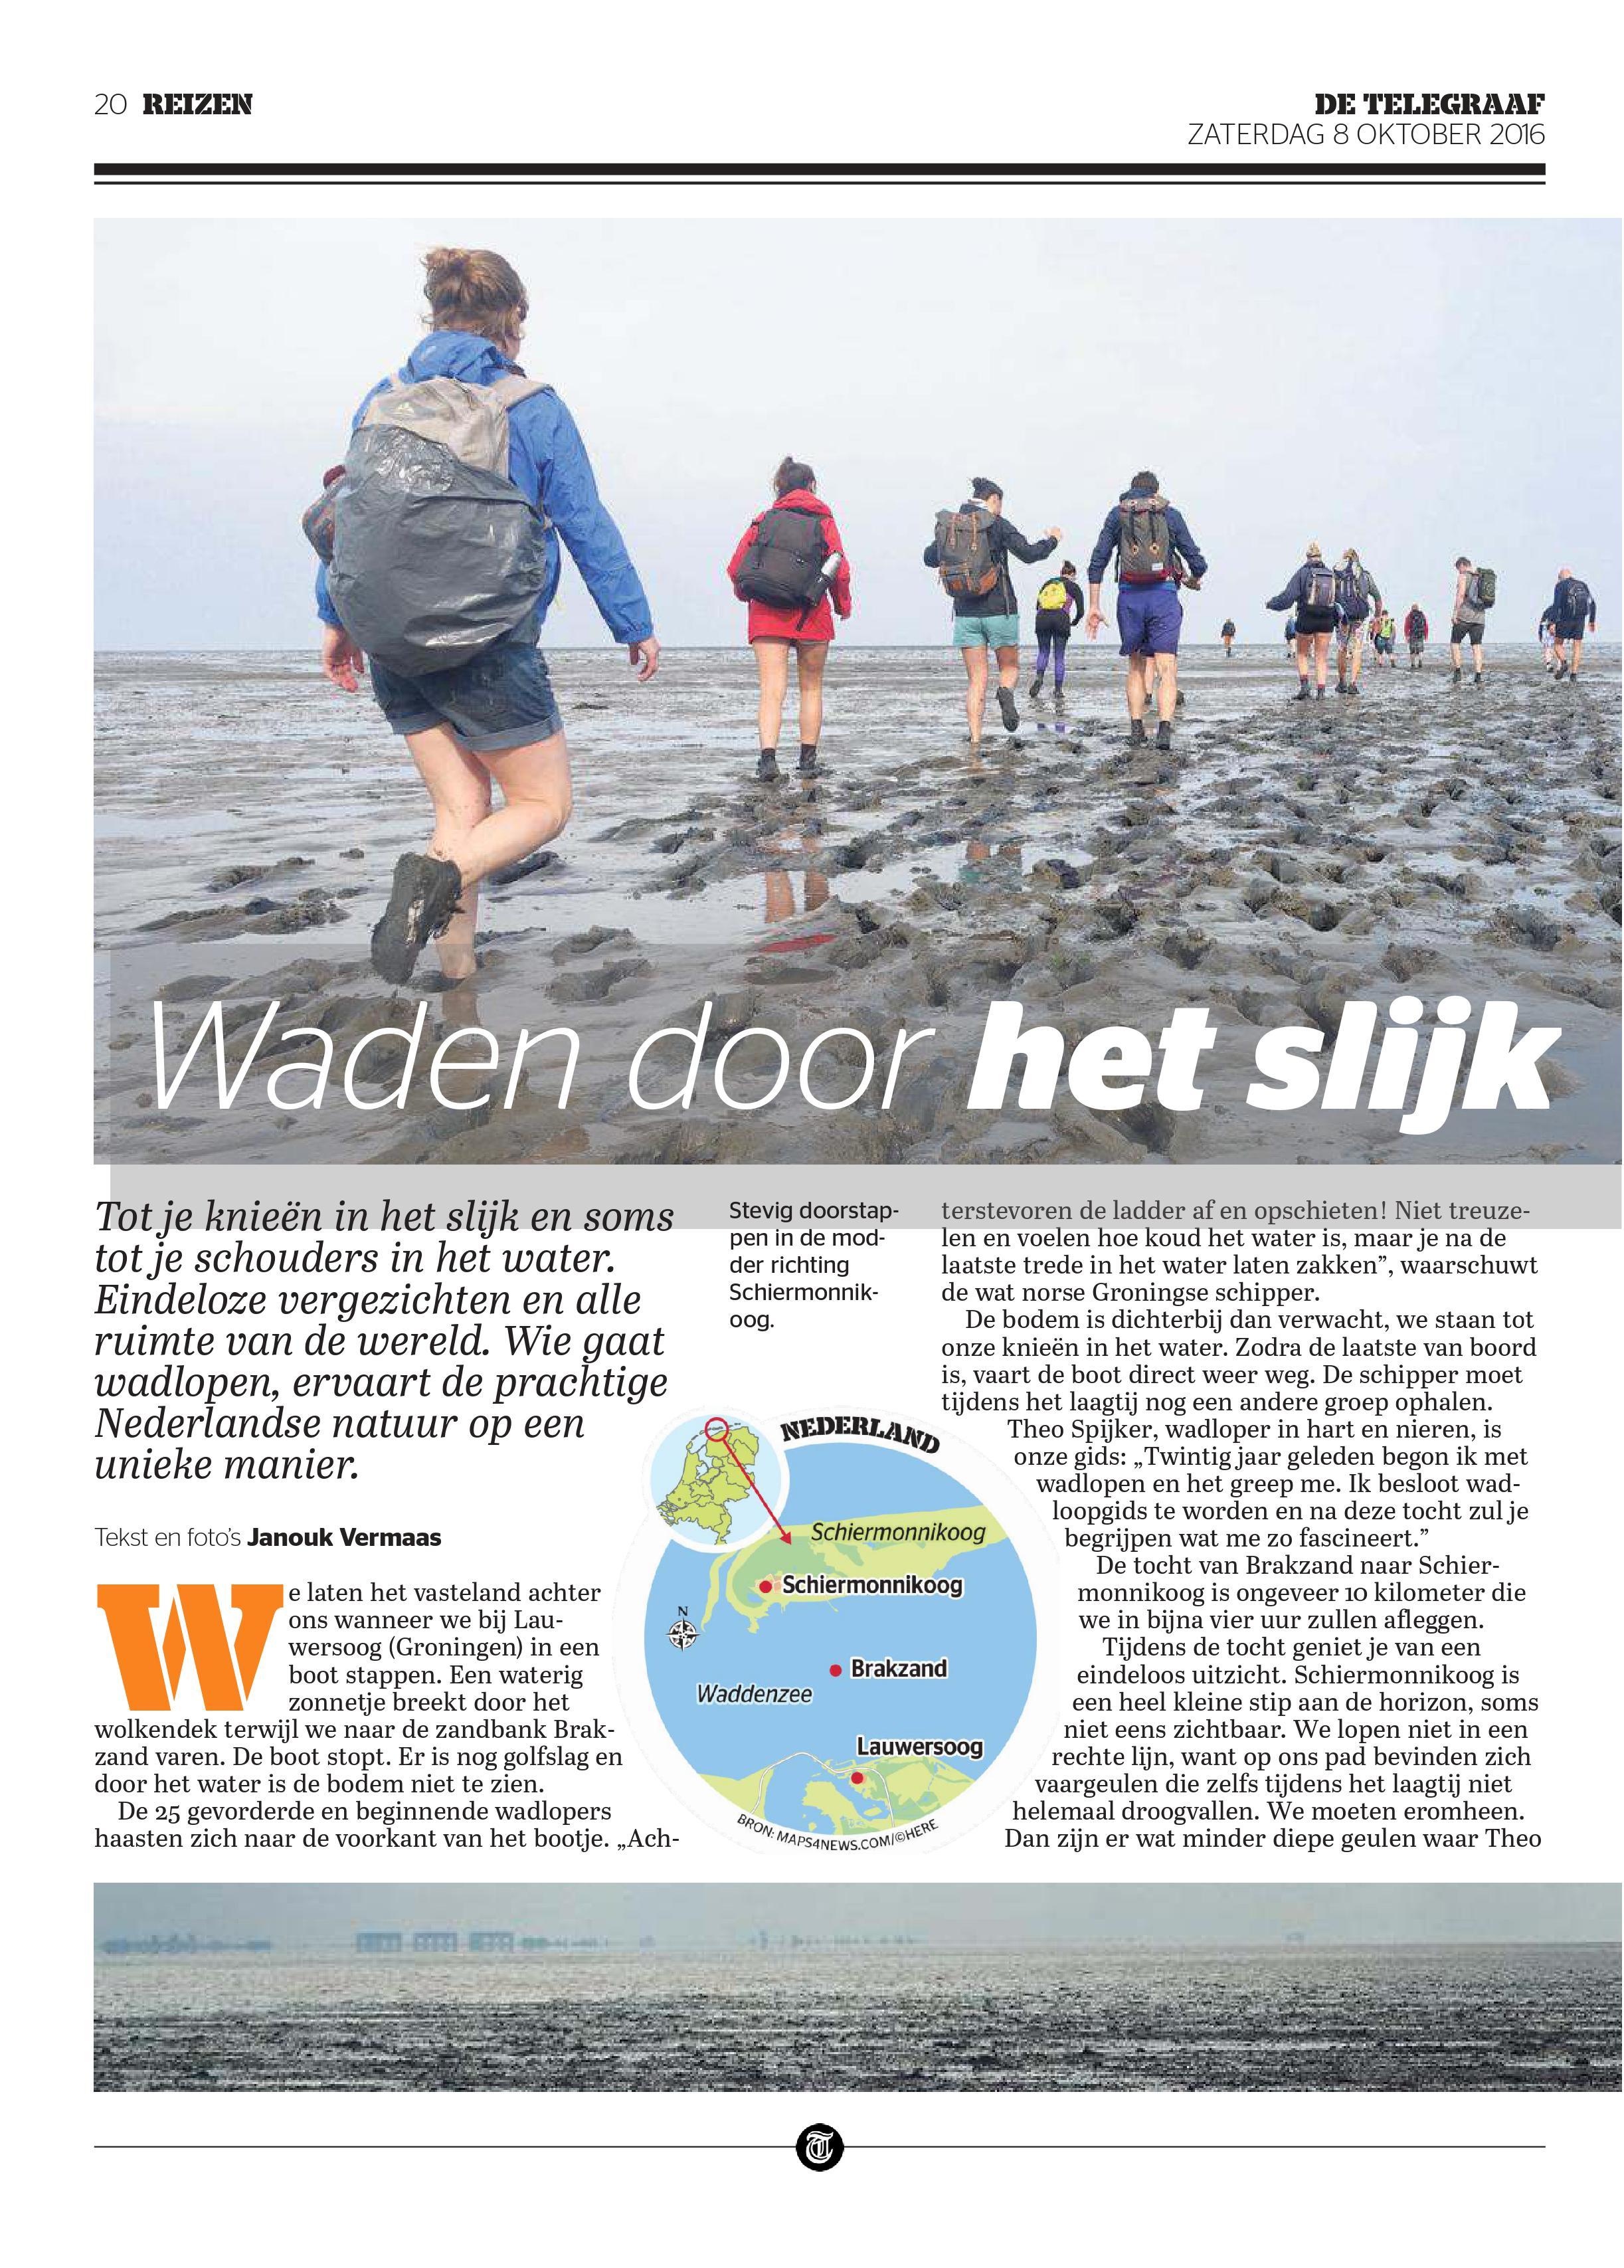 De Telegraaf, october 2016